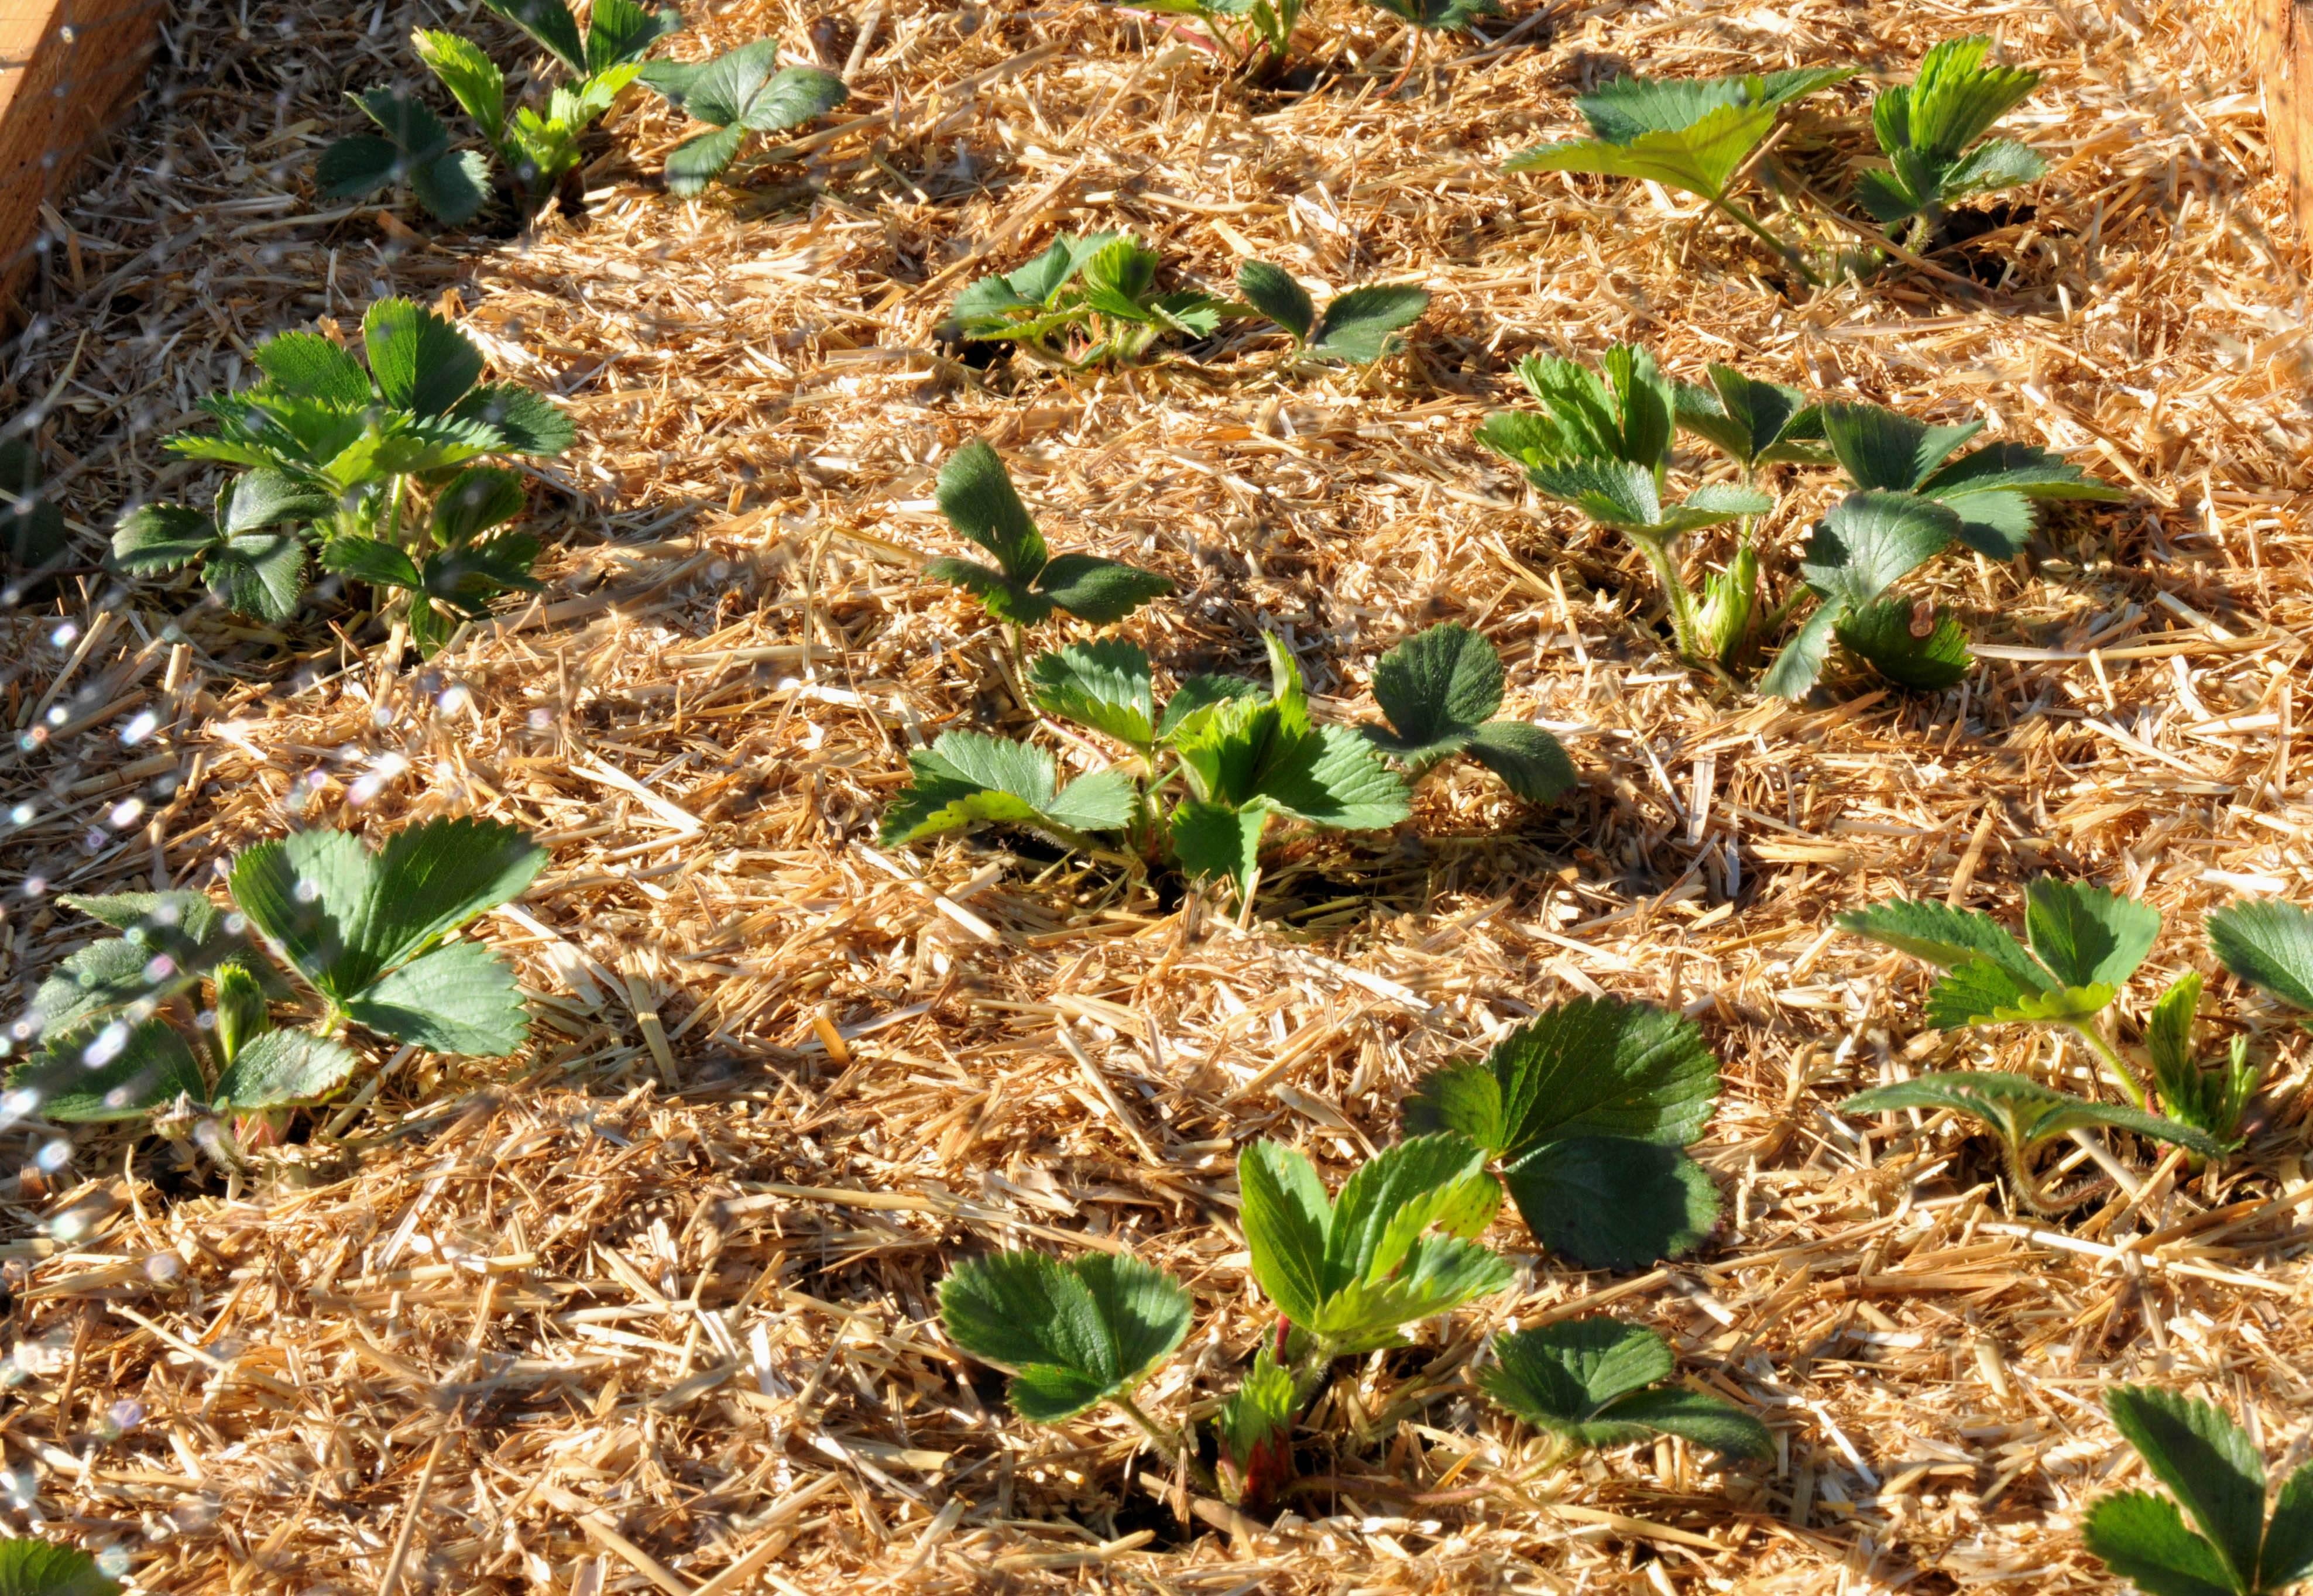 Выращивание картофеля без прополки и окучивания: как сделать с умом и что для этого нужно? русский фермер